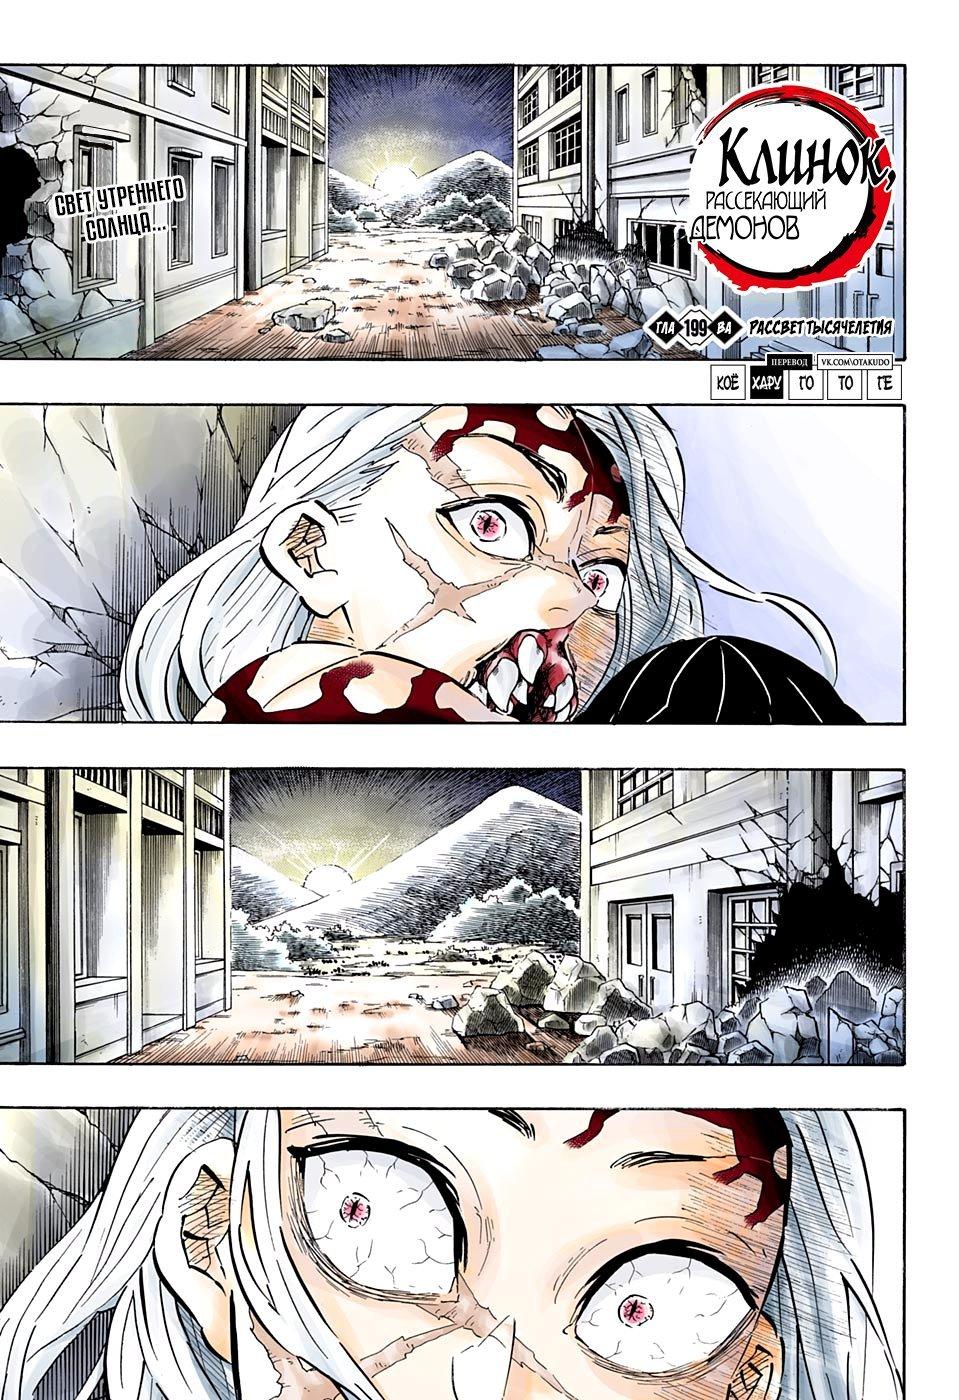 Манга Клинок, рассекающий демонов (цветная версия) - Глава 199 Страница 1